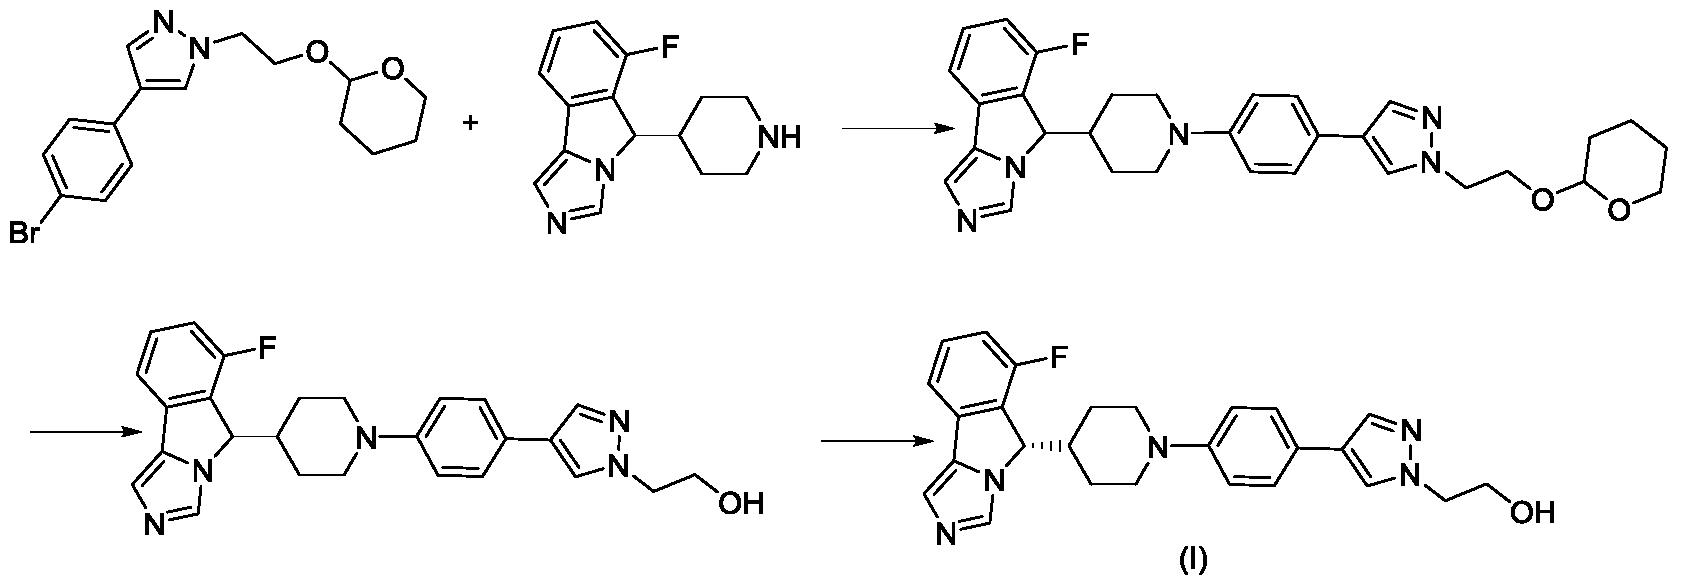 Figure PCTCN2018099113-appb-000002